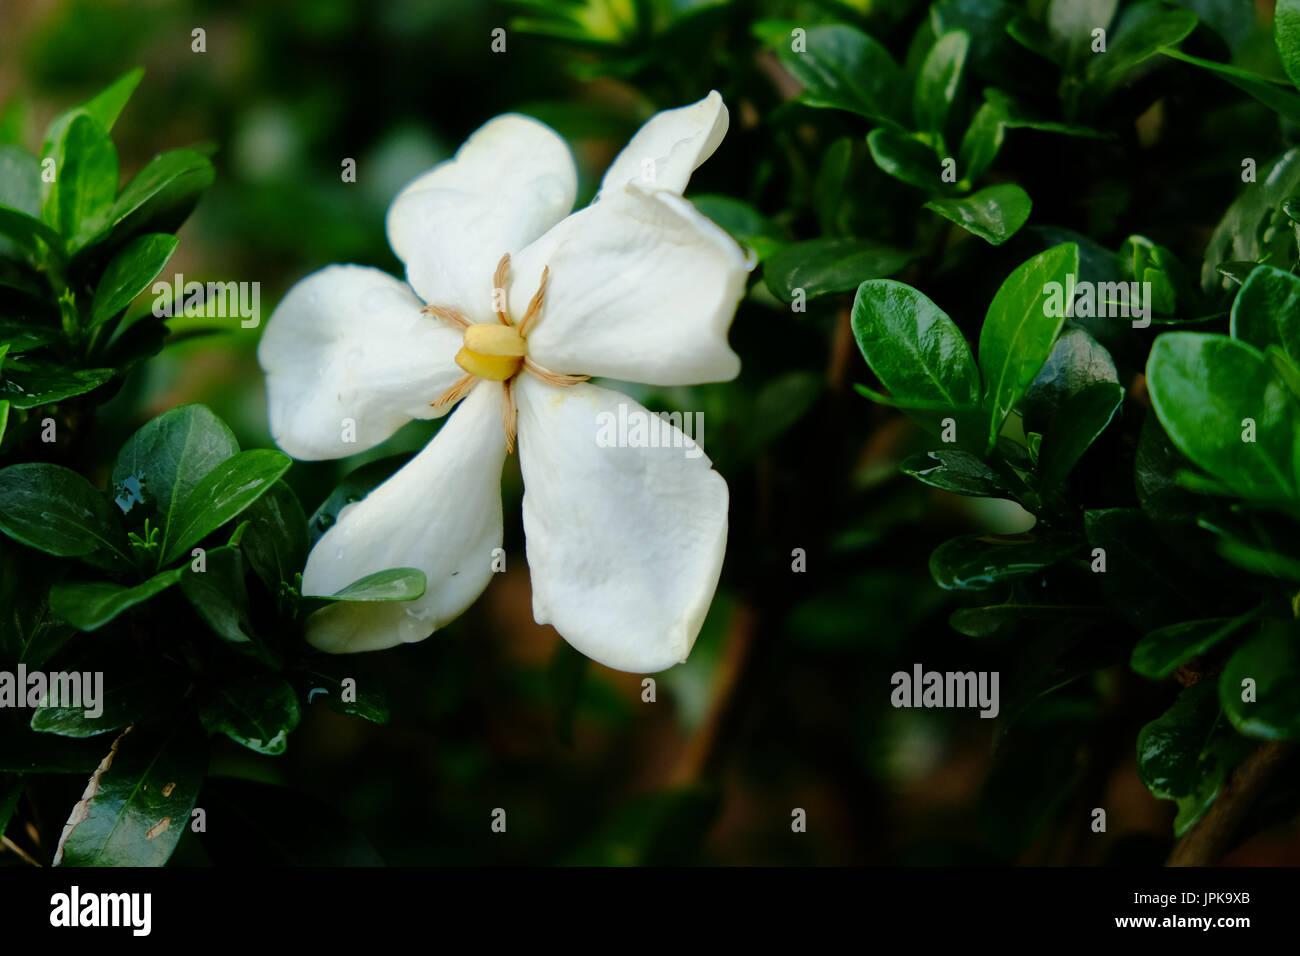 A Single White Gardenia Flower In Full Bloom Set Against The Dark